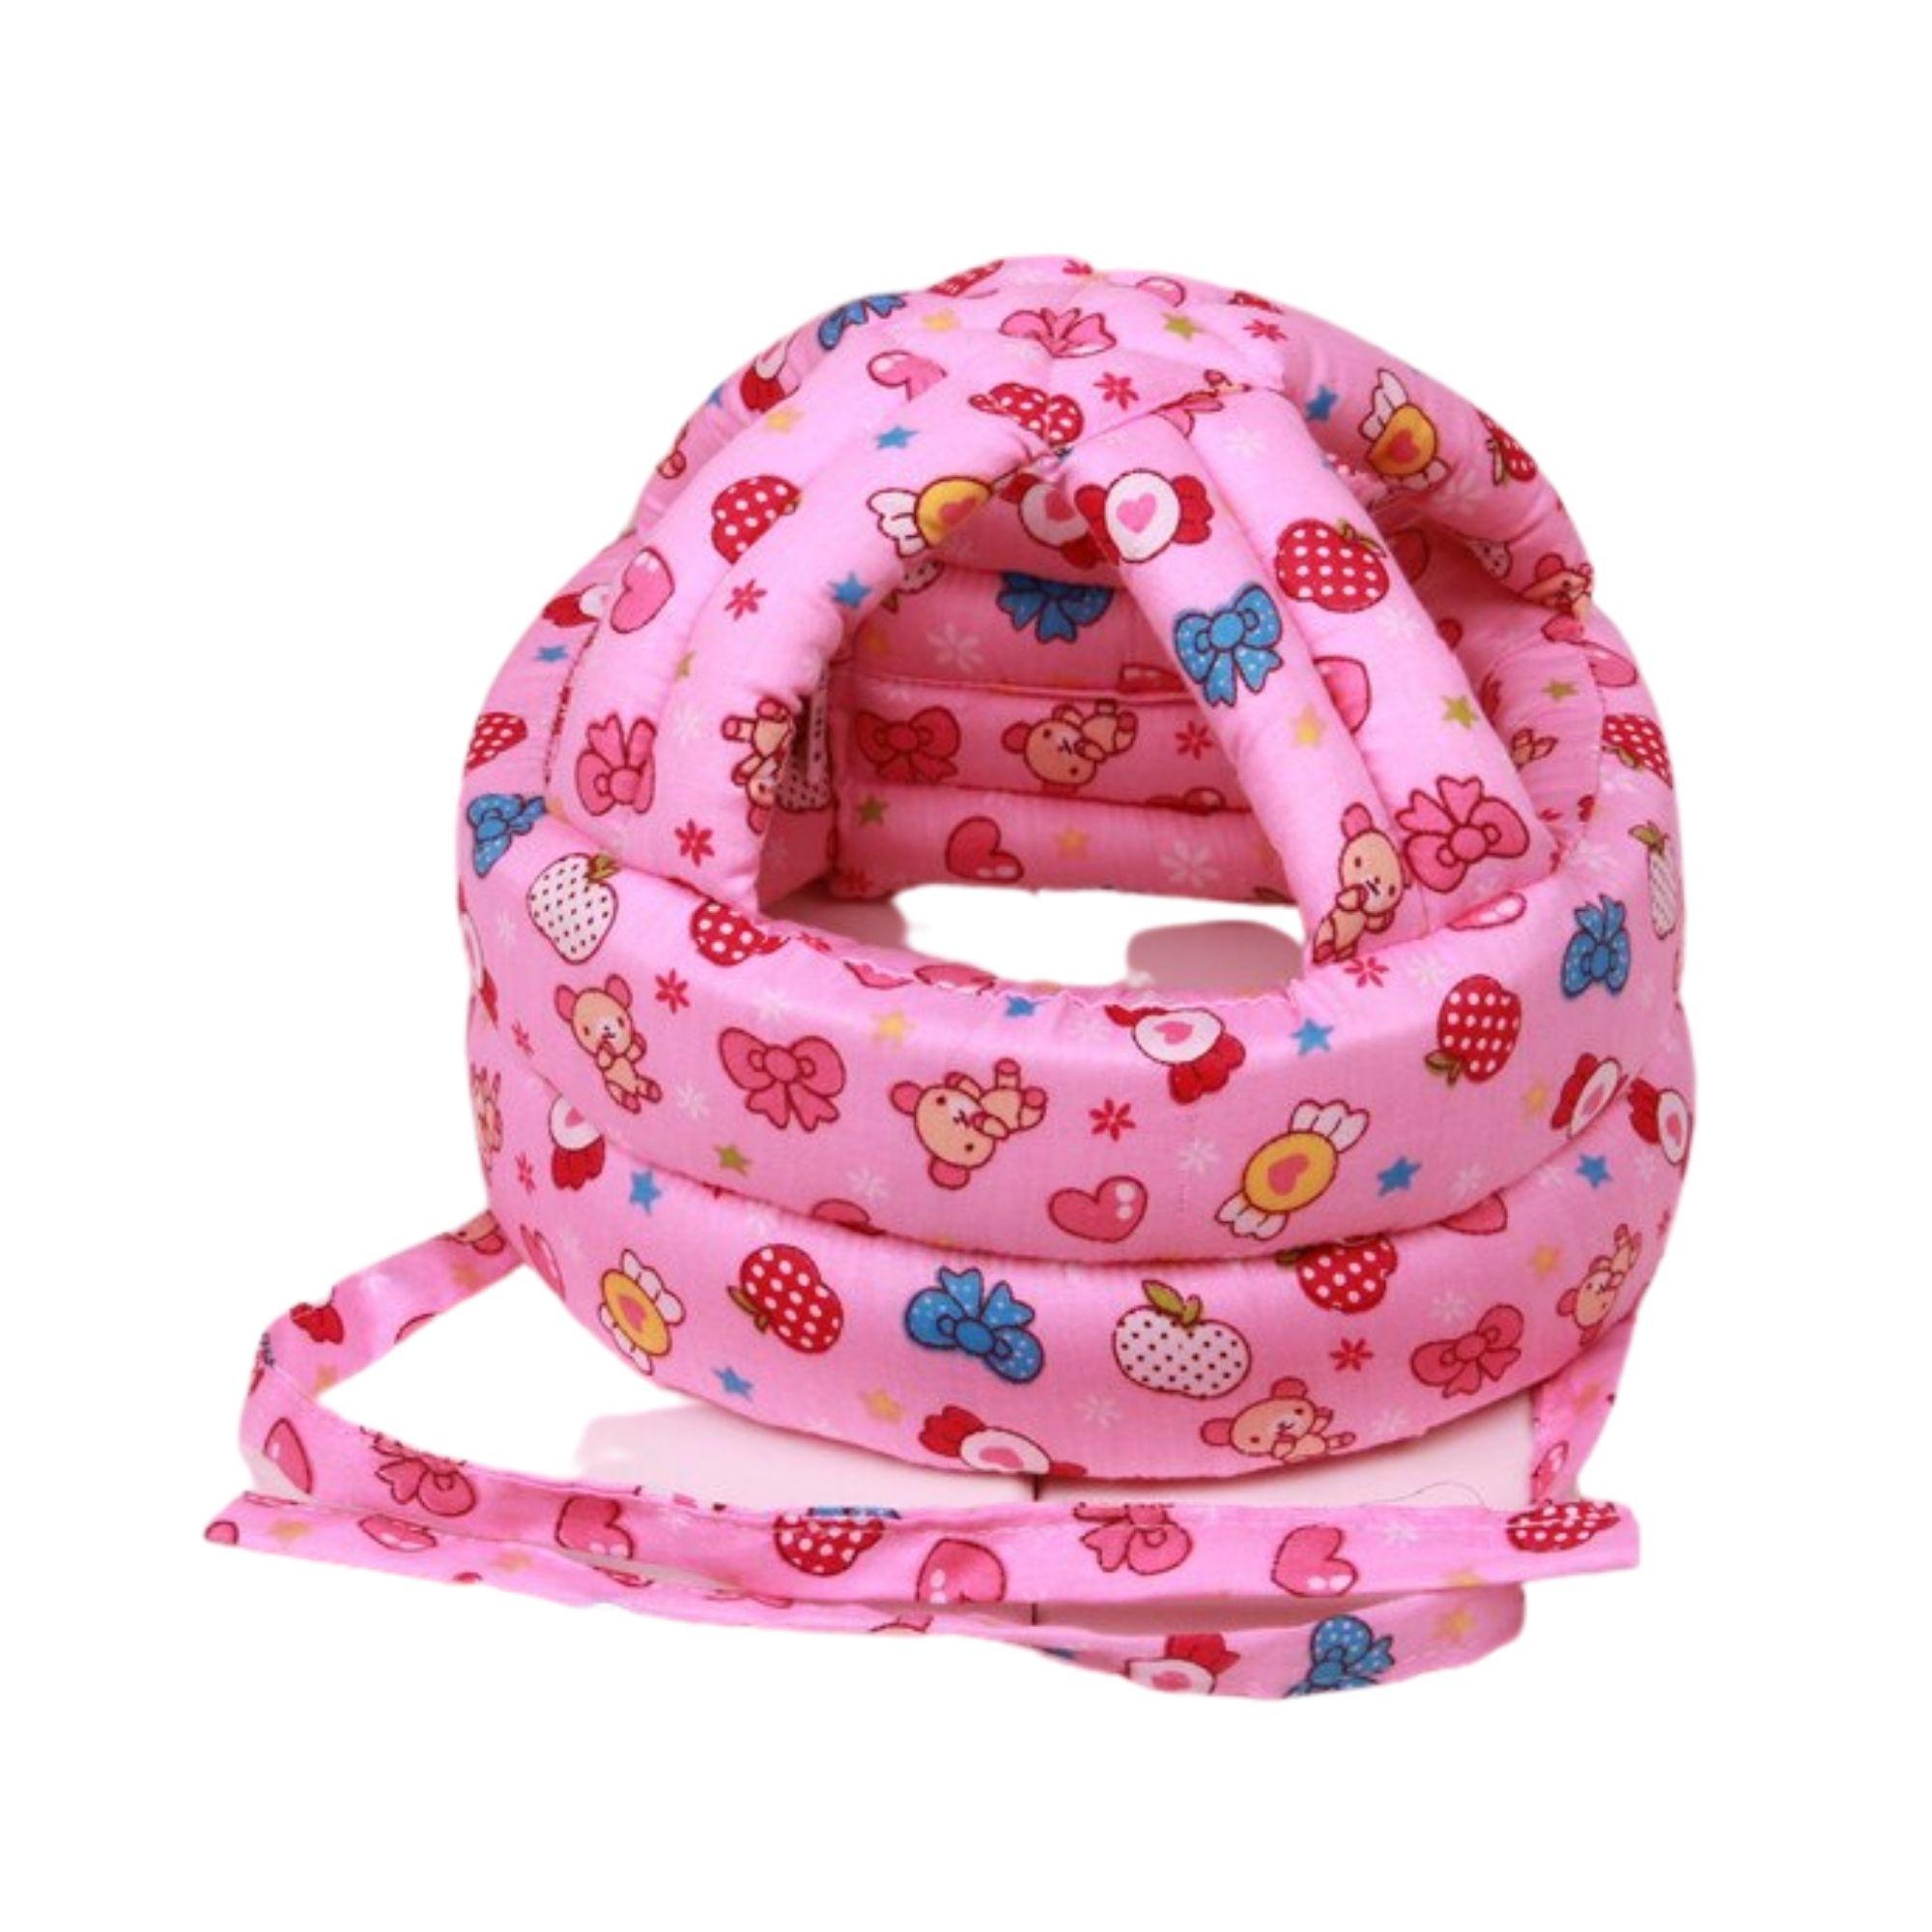 Kit capacete de proteção e joelheira para bebês engatinhar e andar  - Game Land Brinquedos